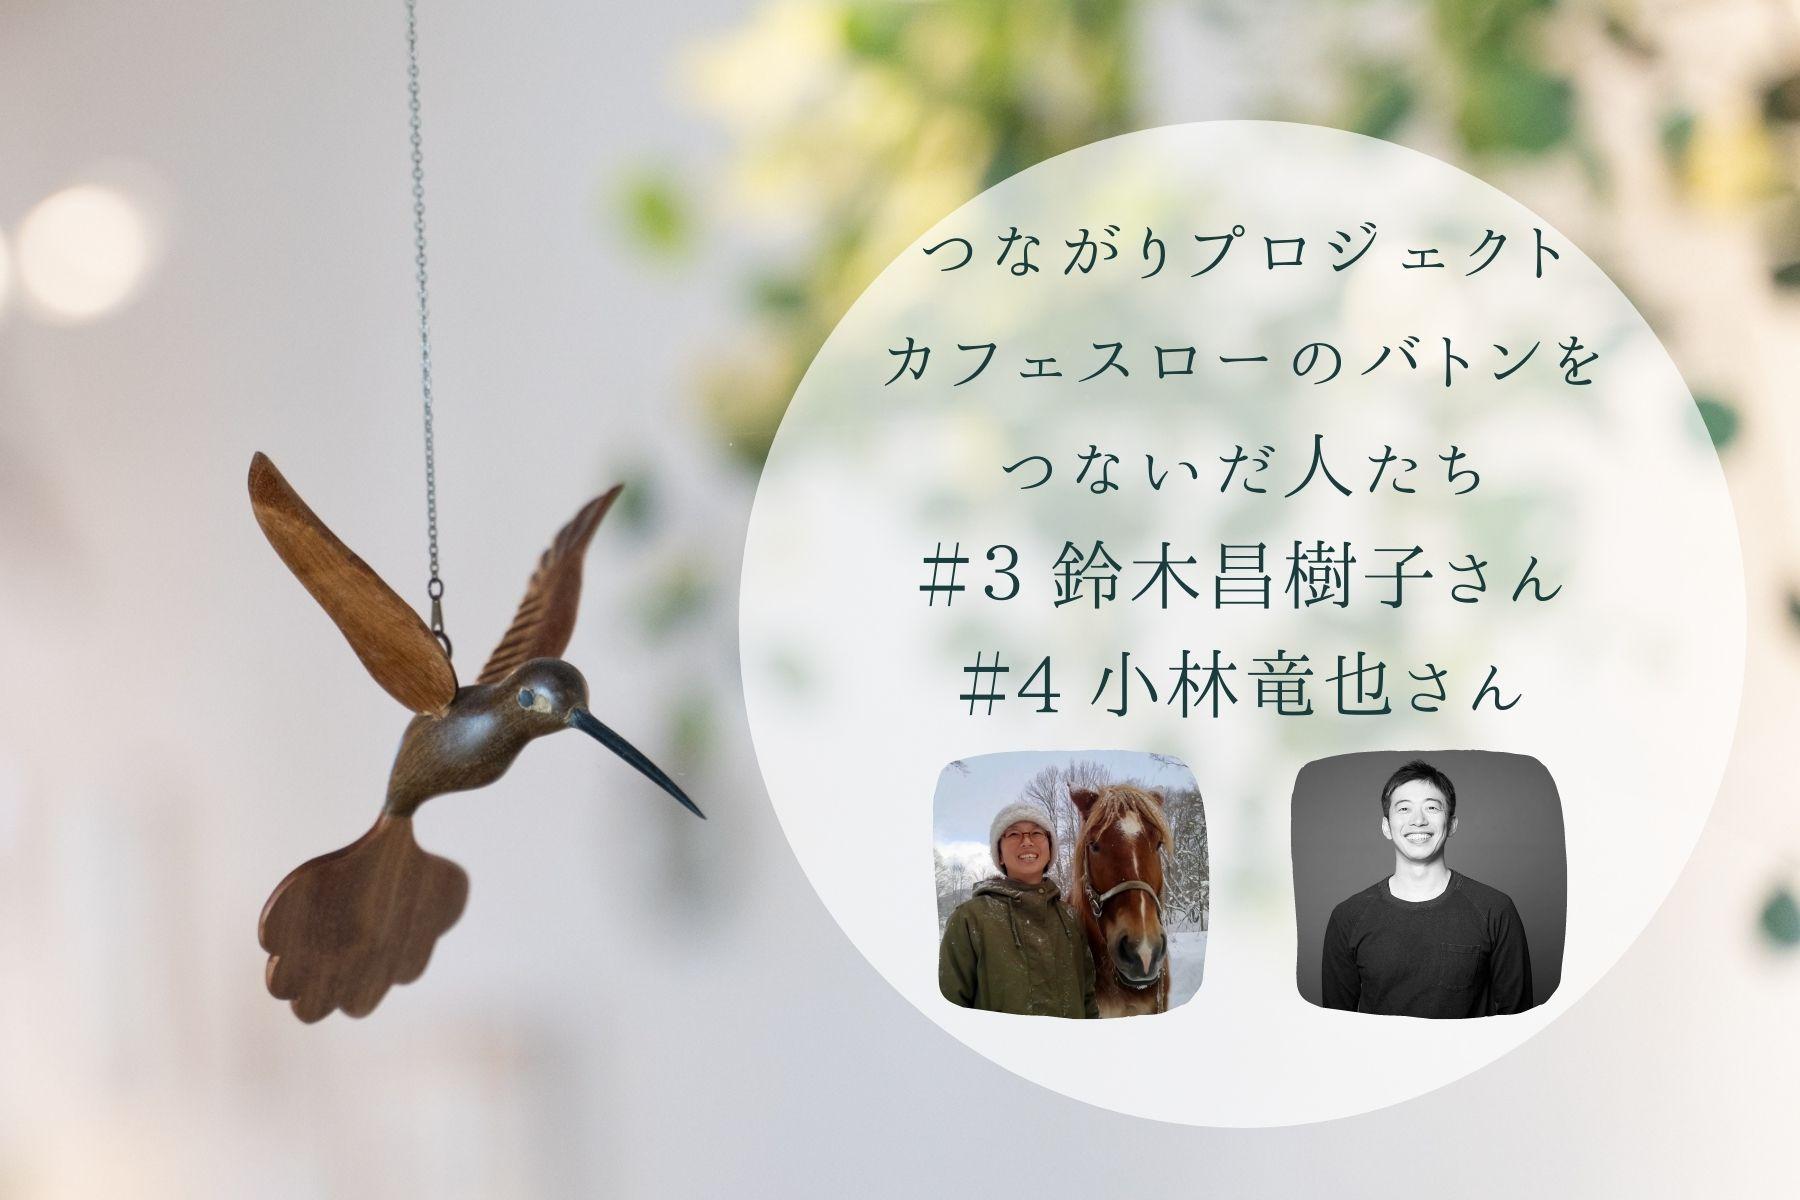 カフェスローのバトンをつないだ人たち#3 鈴木昌樹子さん、#4 小林竜也さん